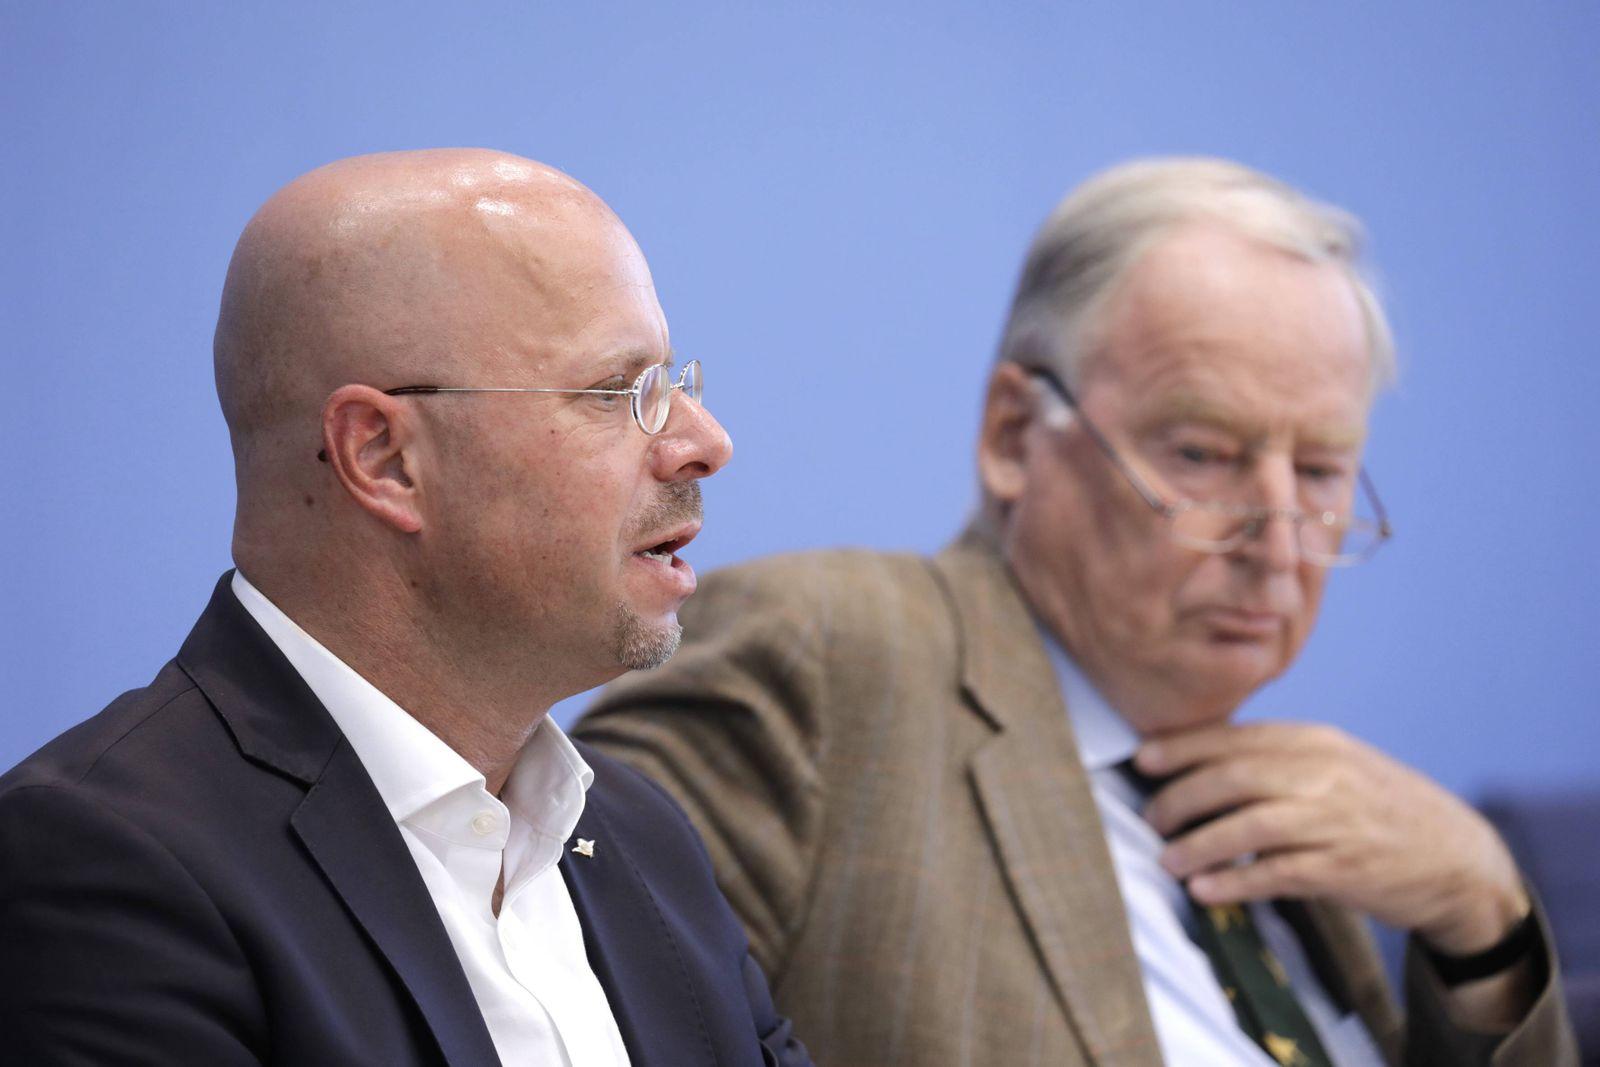 Andreas Kalbitz, AfD, Spitzenkandidat der AfD in Brandenburg, Alexander Gauland, Bundesvorsitzender der AfD, PK zu Ausw